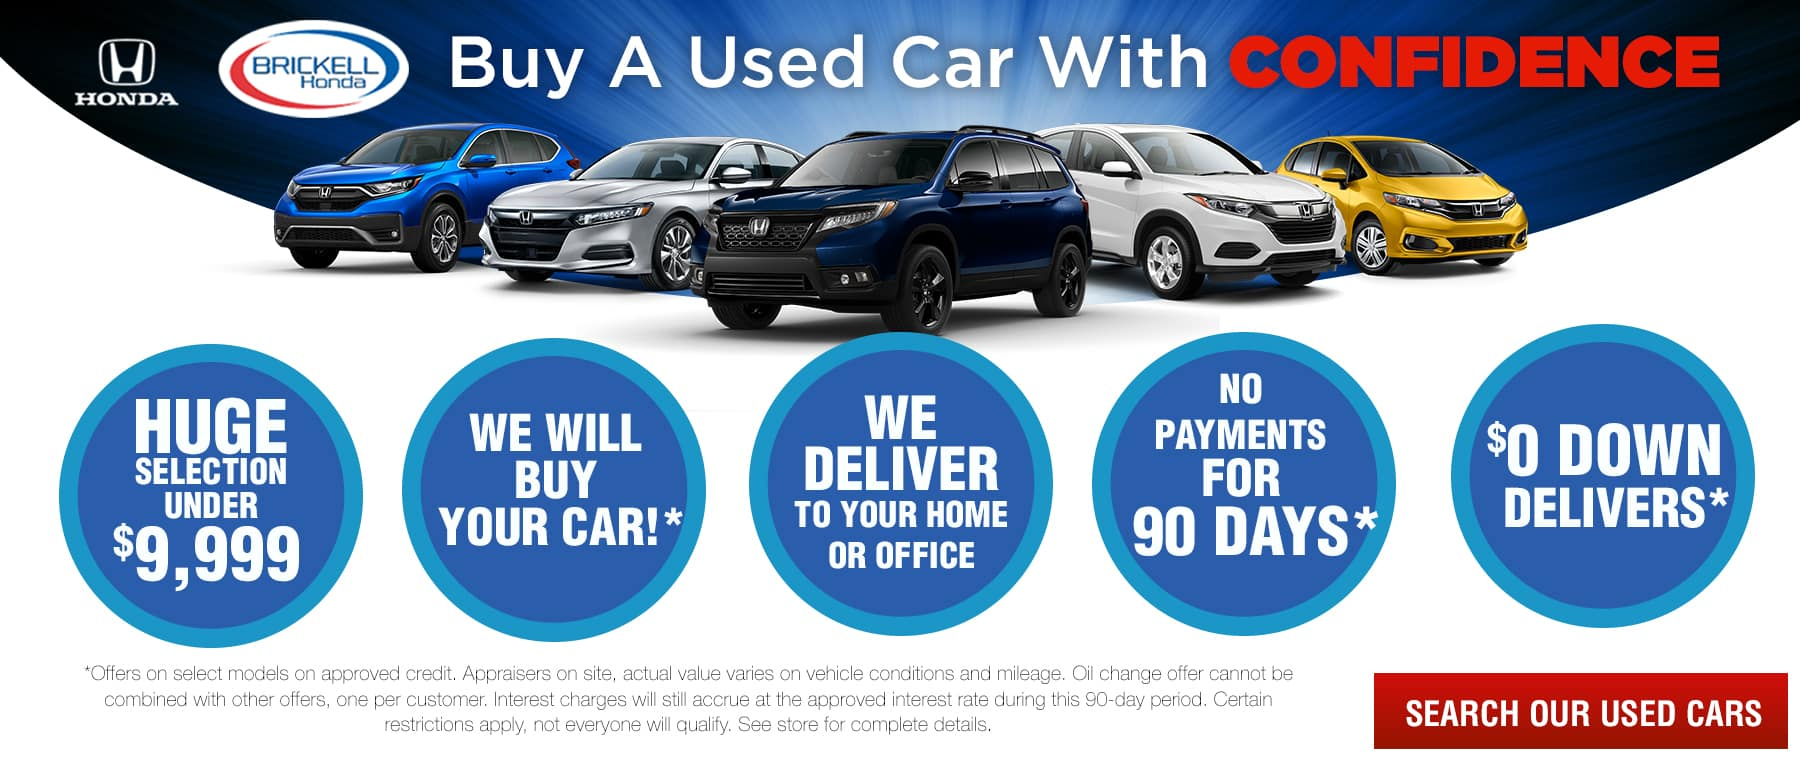 Why Buy Used Cars at Brickell Honda